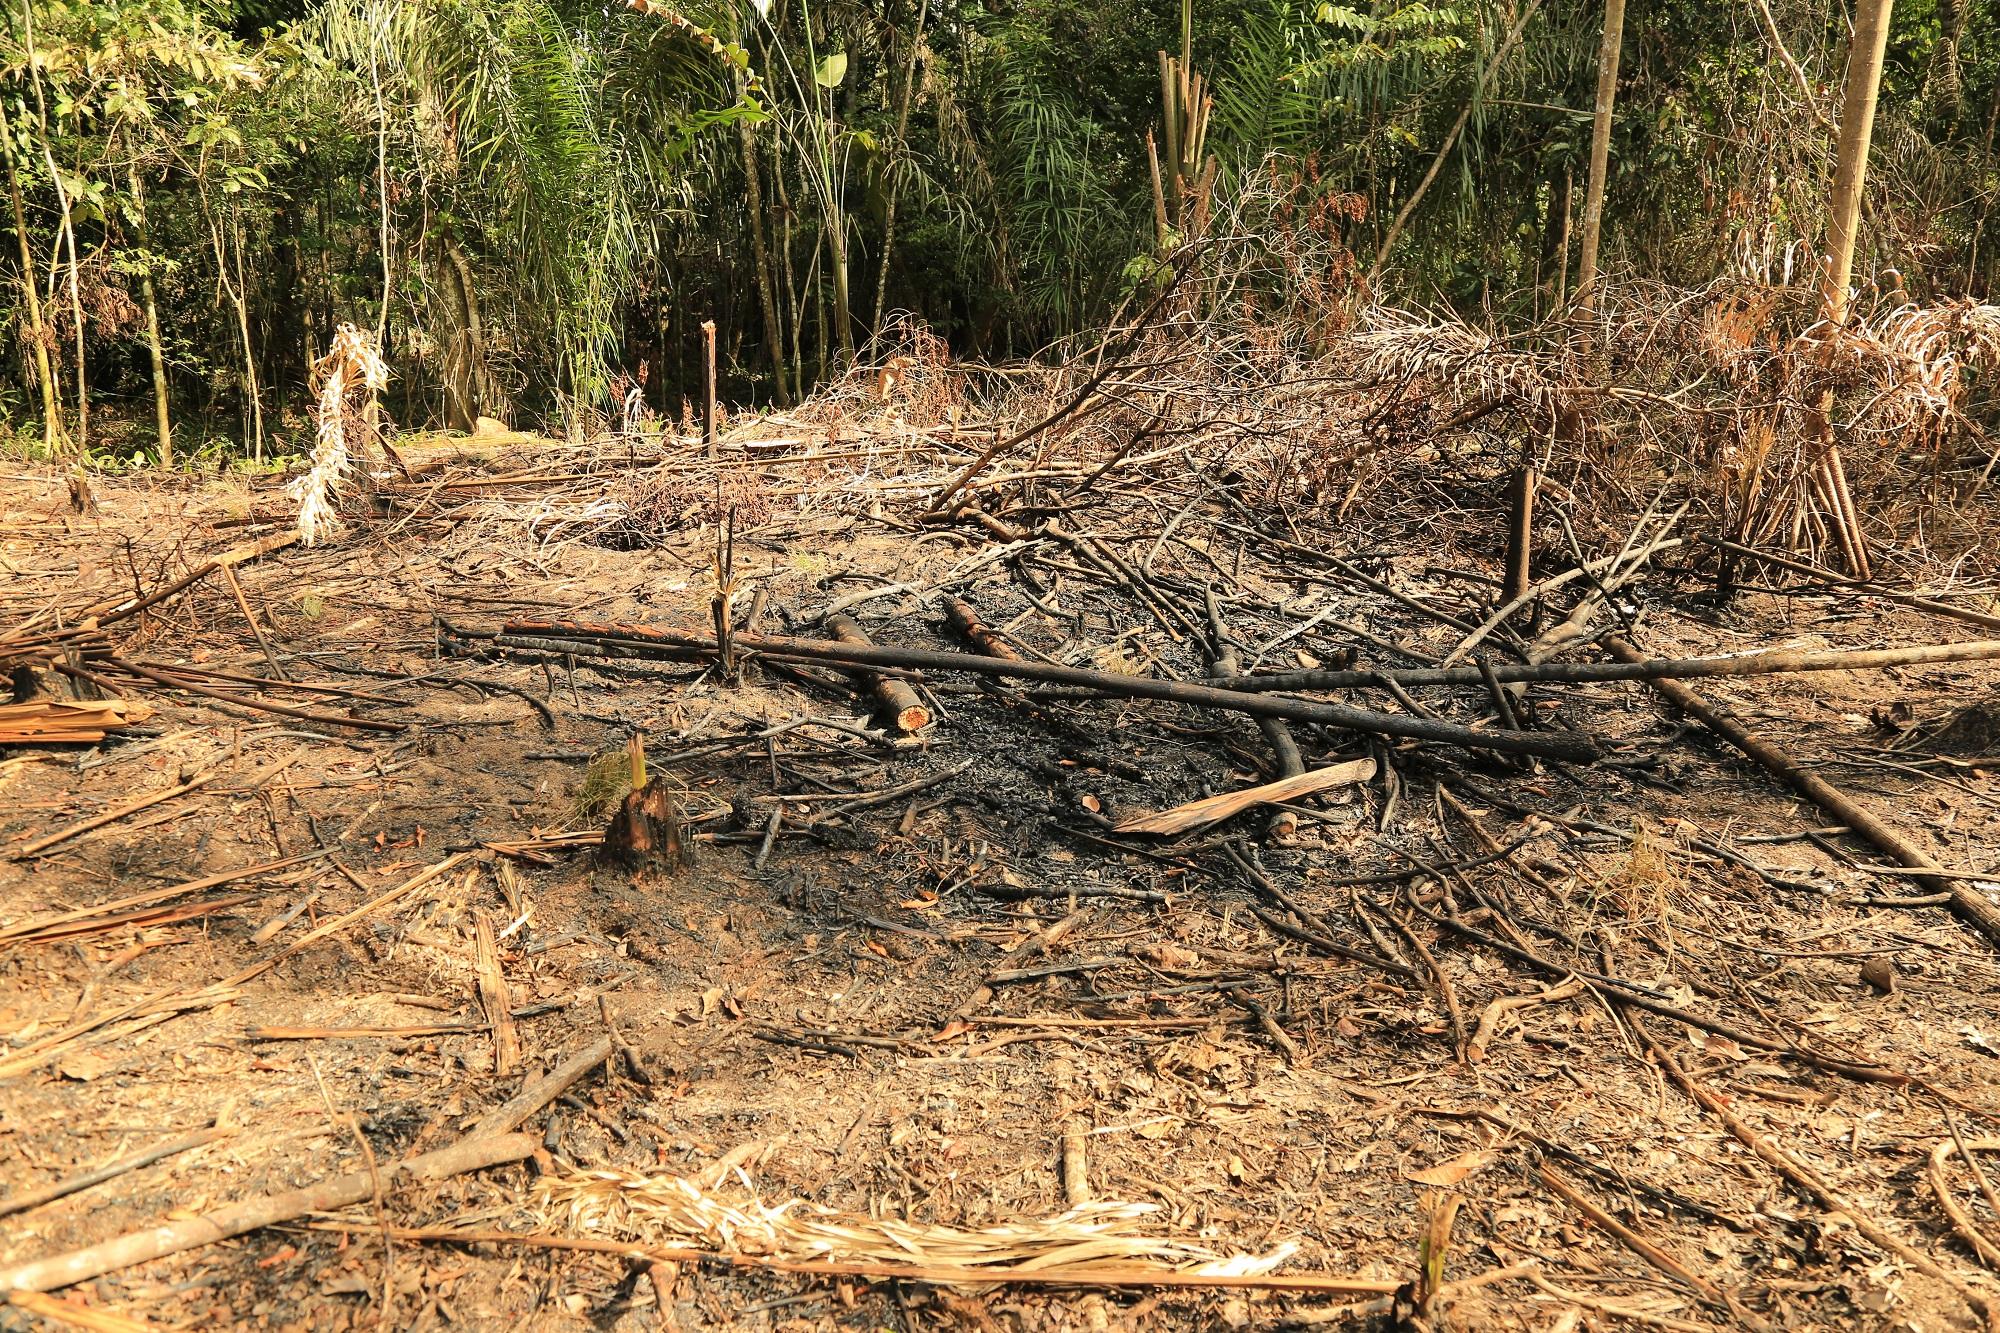 Los taladores suelen tumbar bosque y quemar la madera en época de verano. Por ahora llueve en la zona, pero a las autoridades les preocupa la pequeña estación seca de agosto. Foto: Cormacarena.